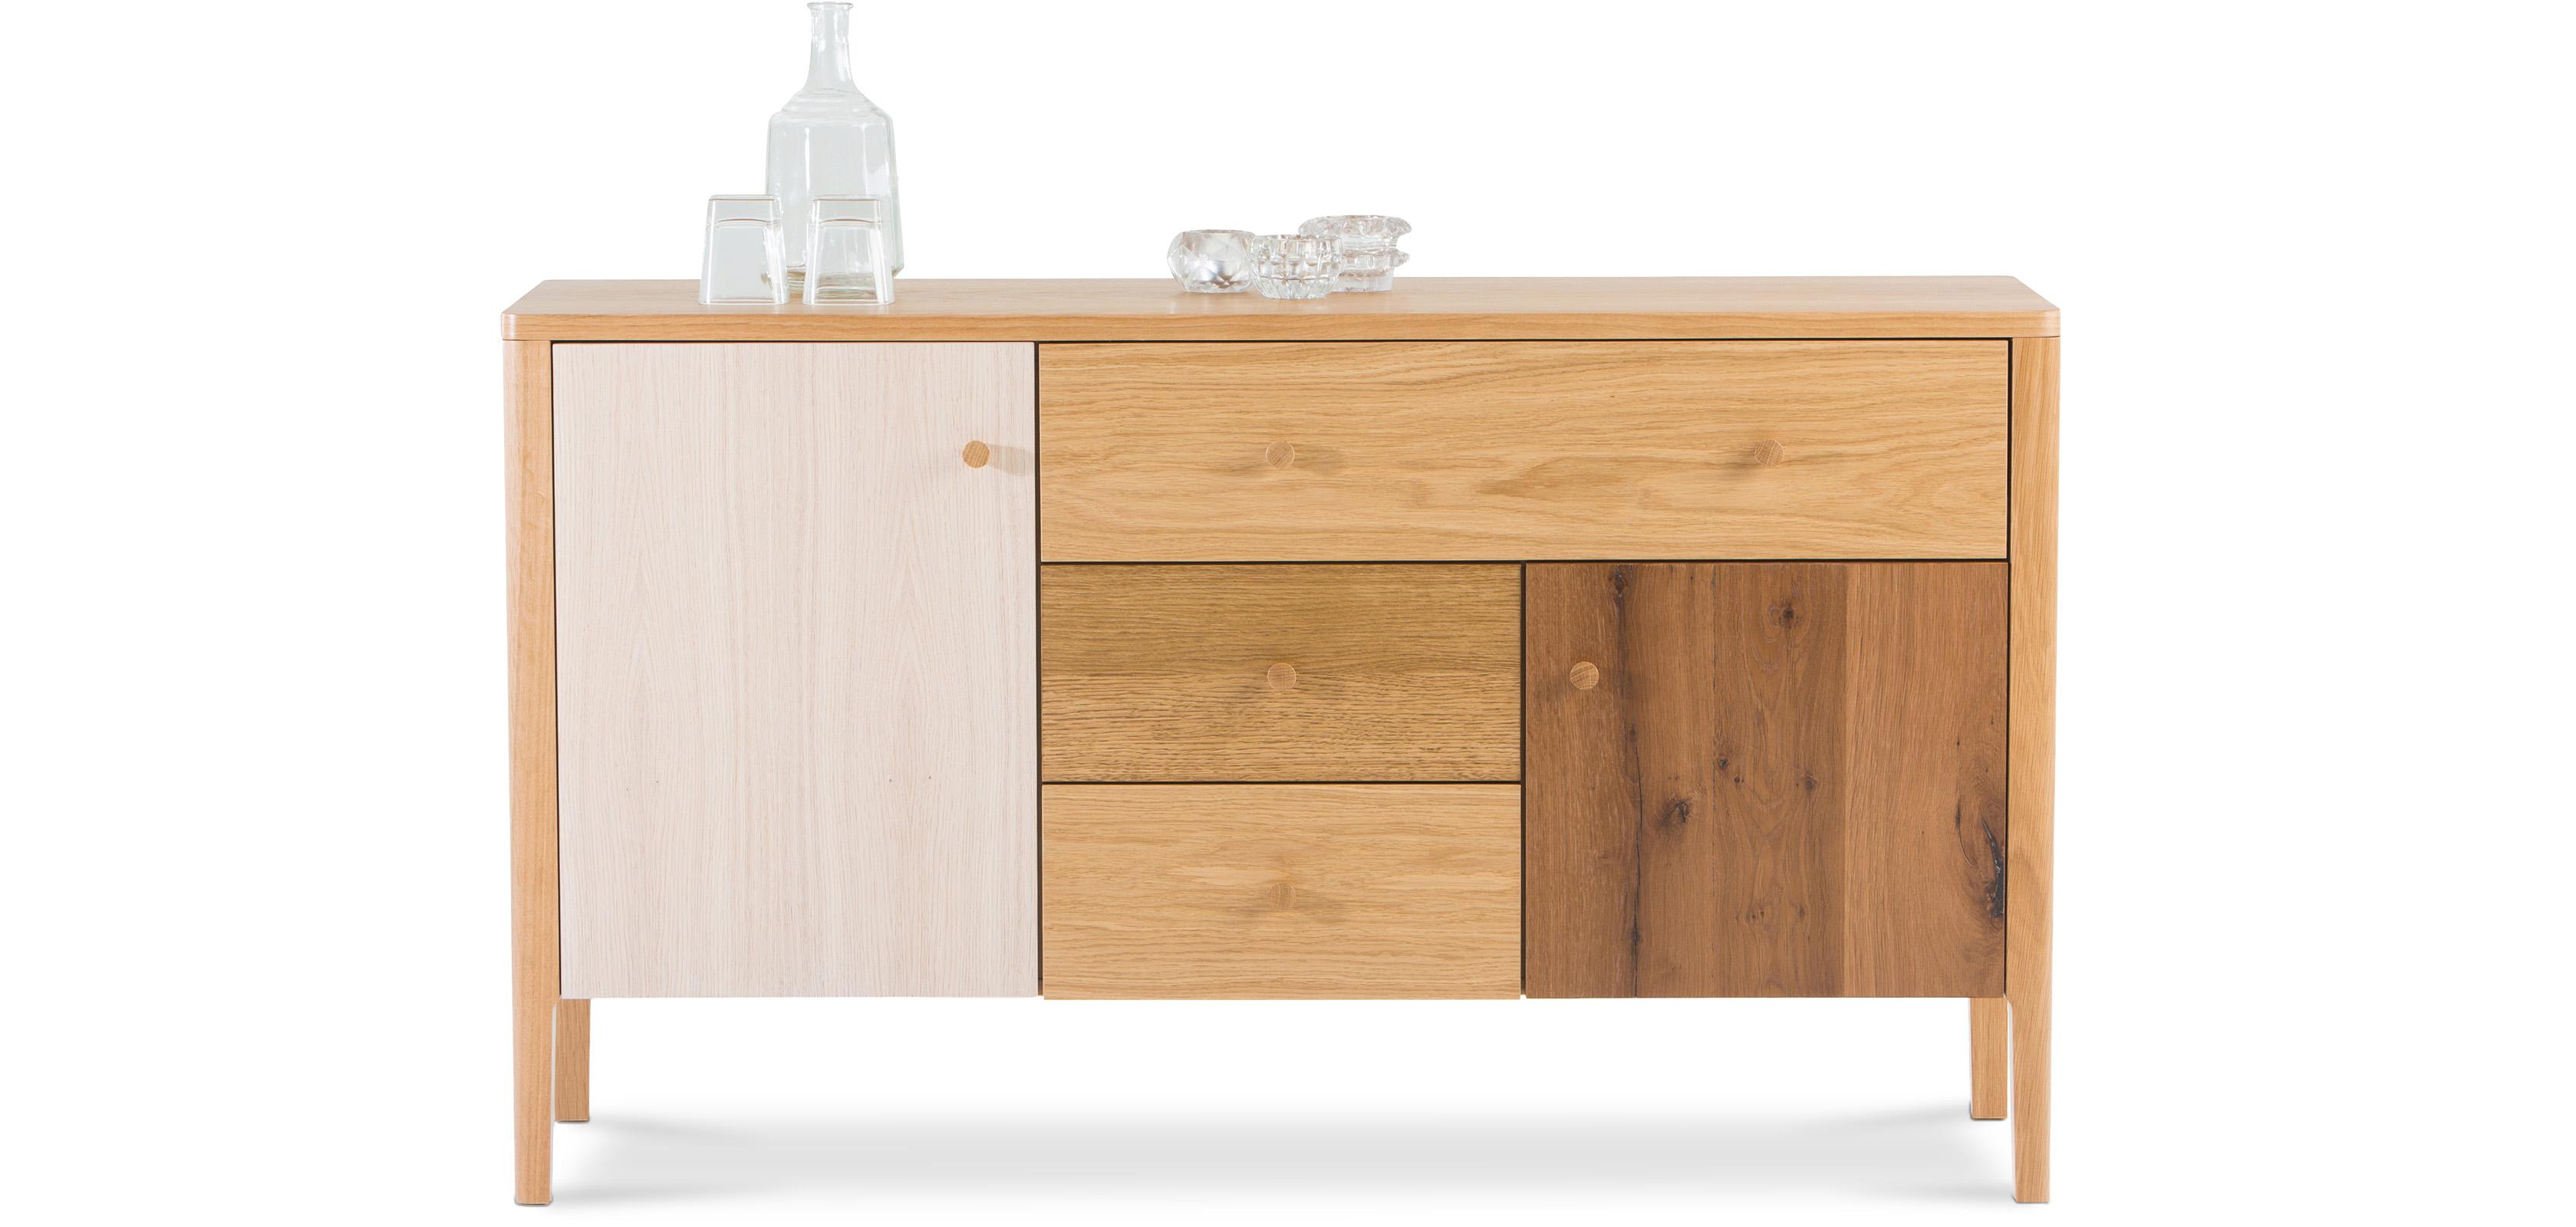 Buffet en bois de style scandinave